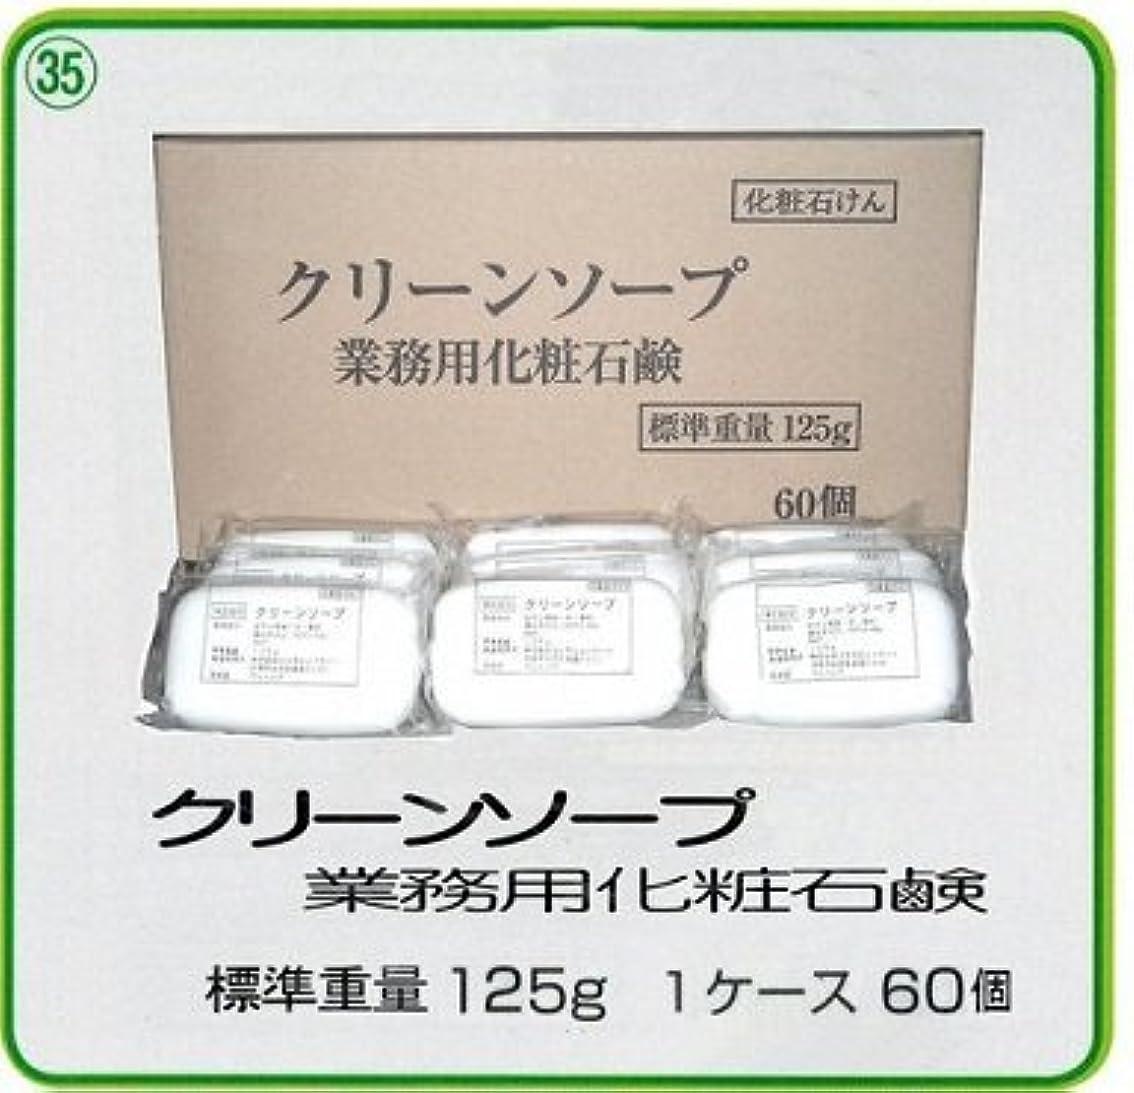 マーガレットミッチェル巨人従来の業務用化粧石鹸 クリーンソープ1個125g/1箱60個入(品番7014)富士化成